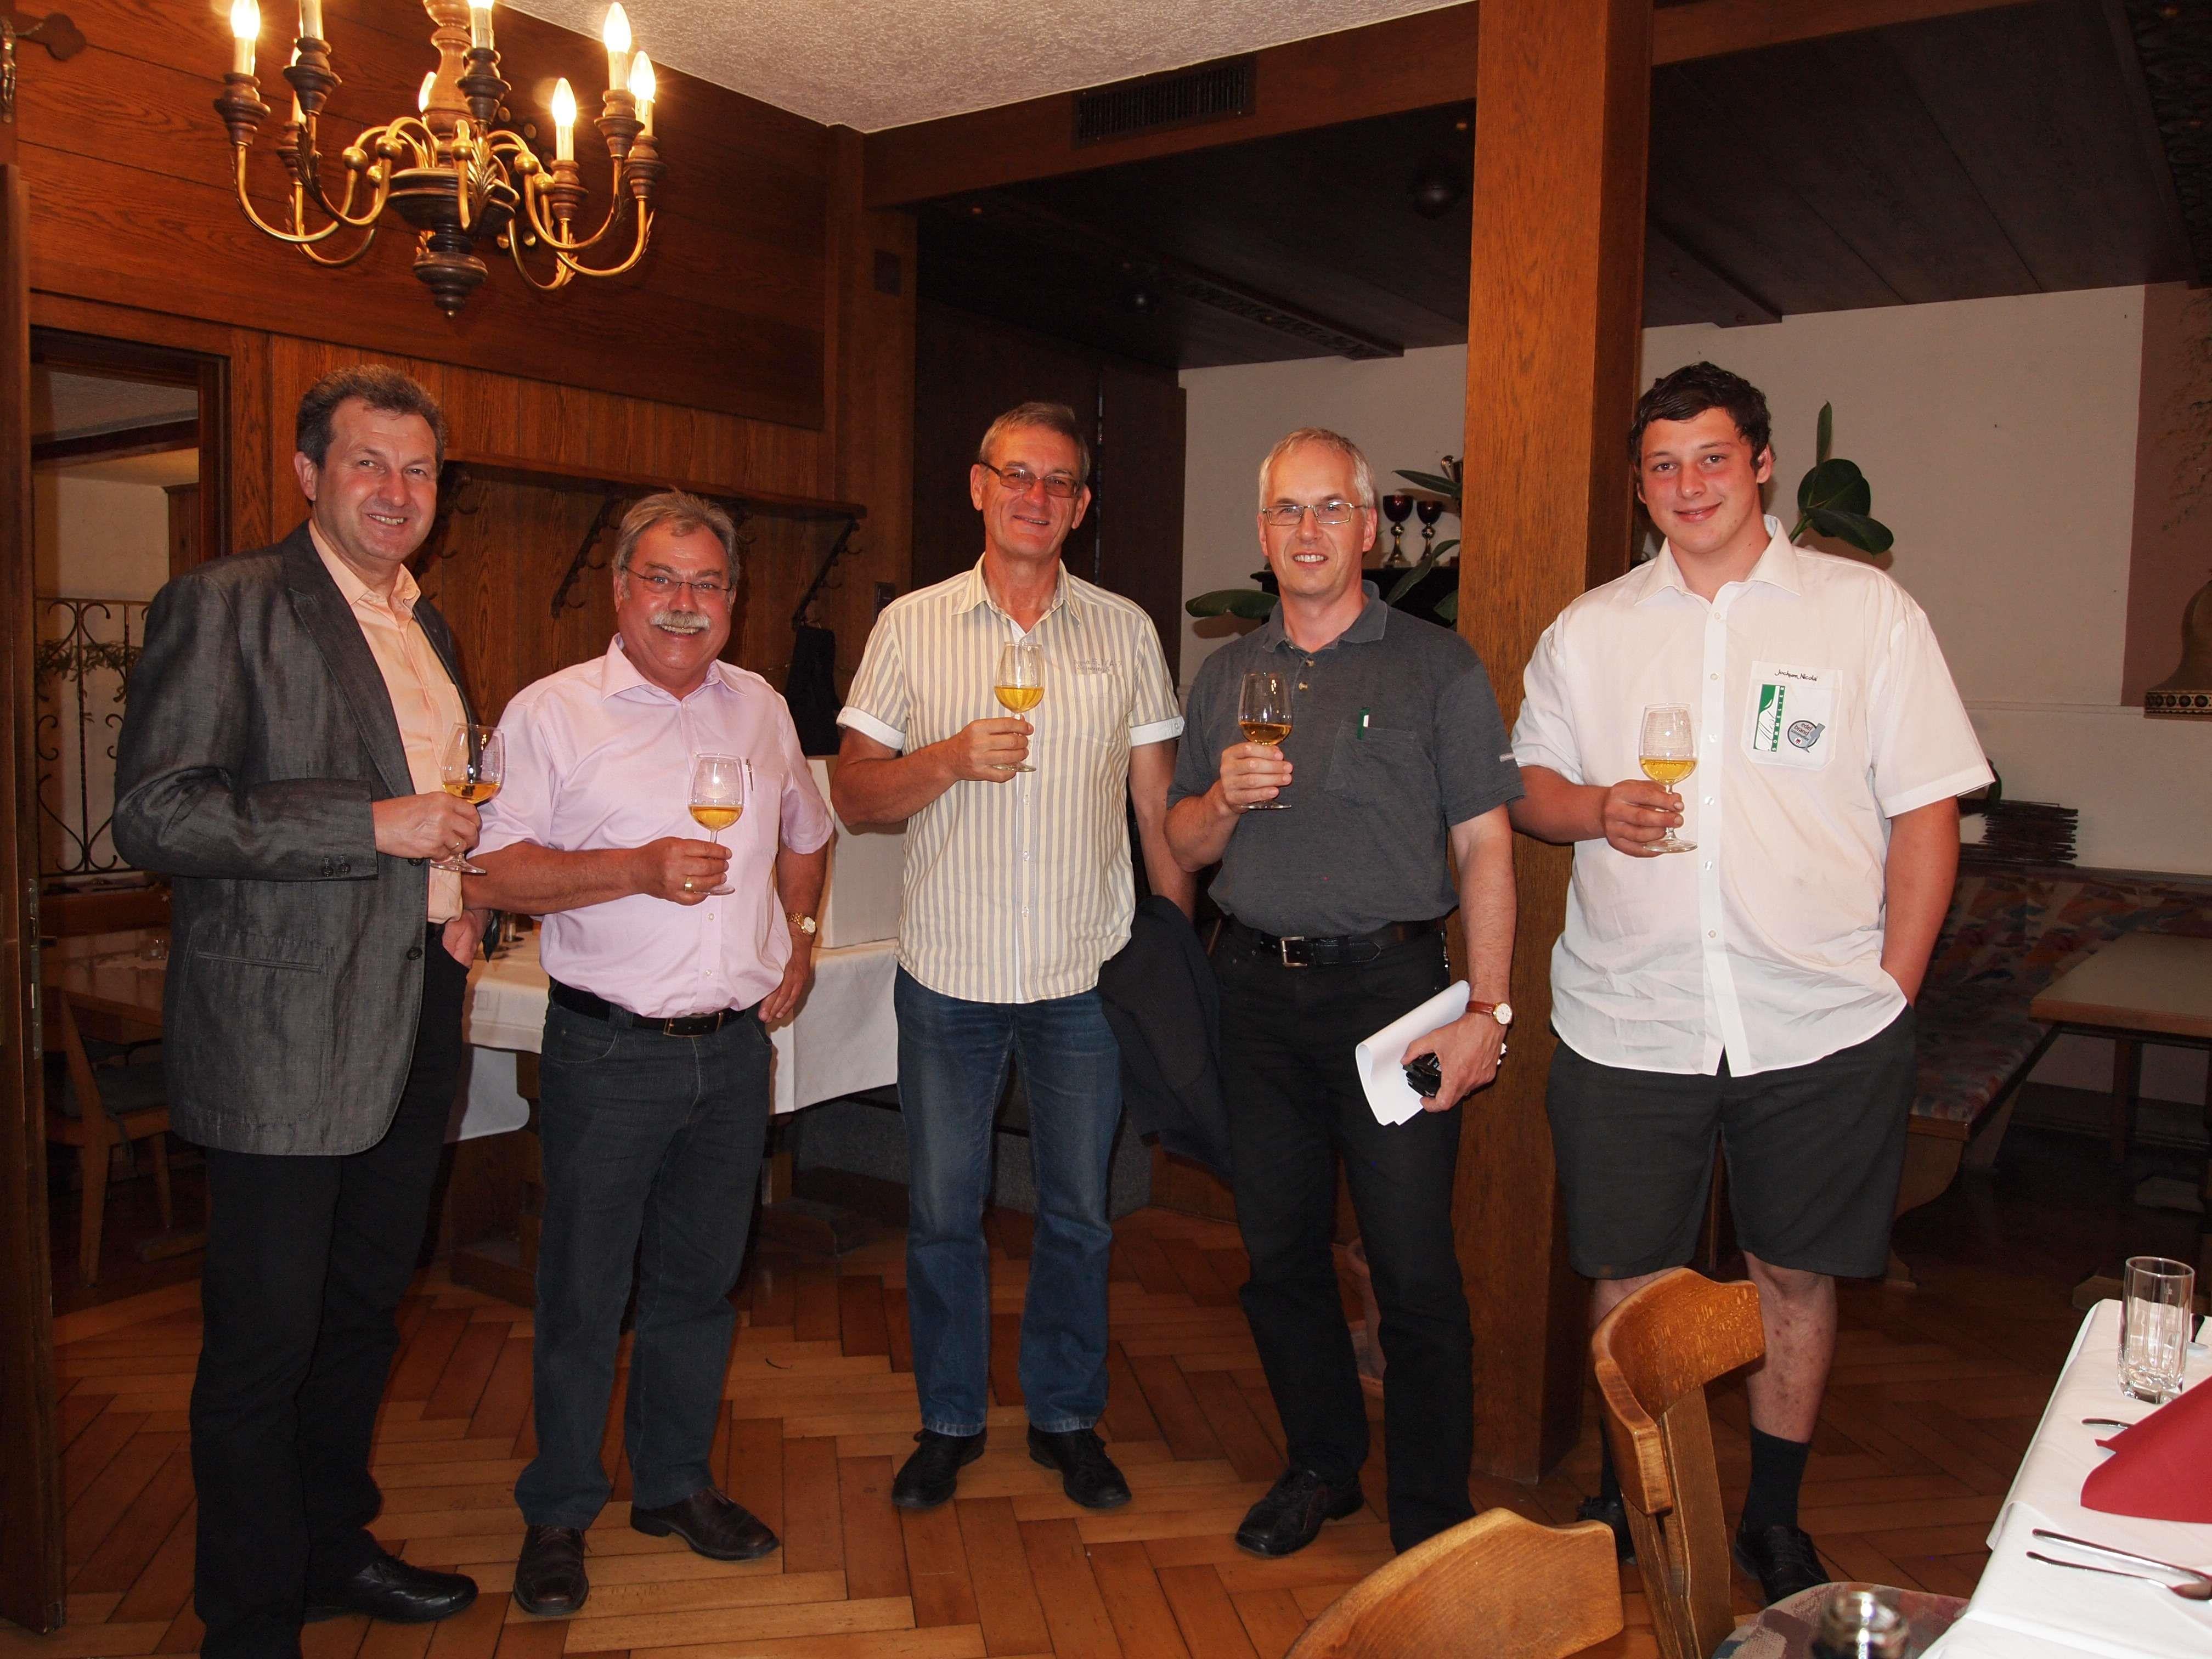 Ende Mai wurde in Koblach im GH Harmonie in feierlichem Rahmen der Vorarlberger Mostsommelierverein gegründet